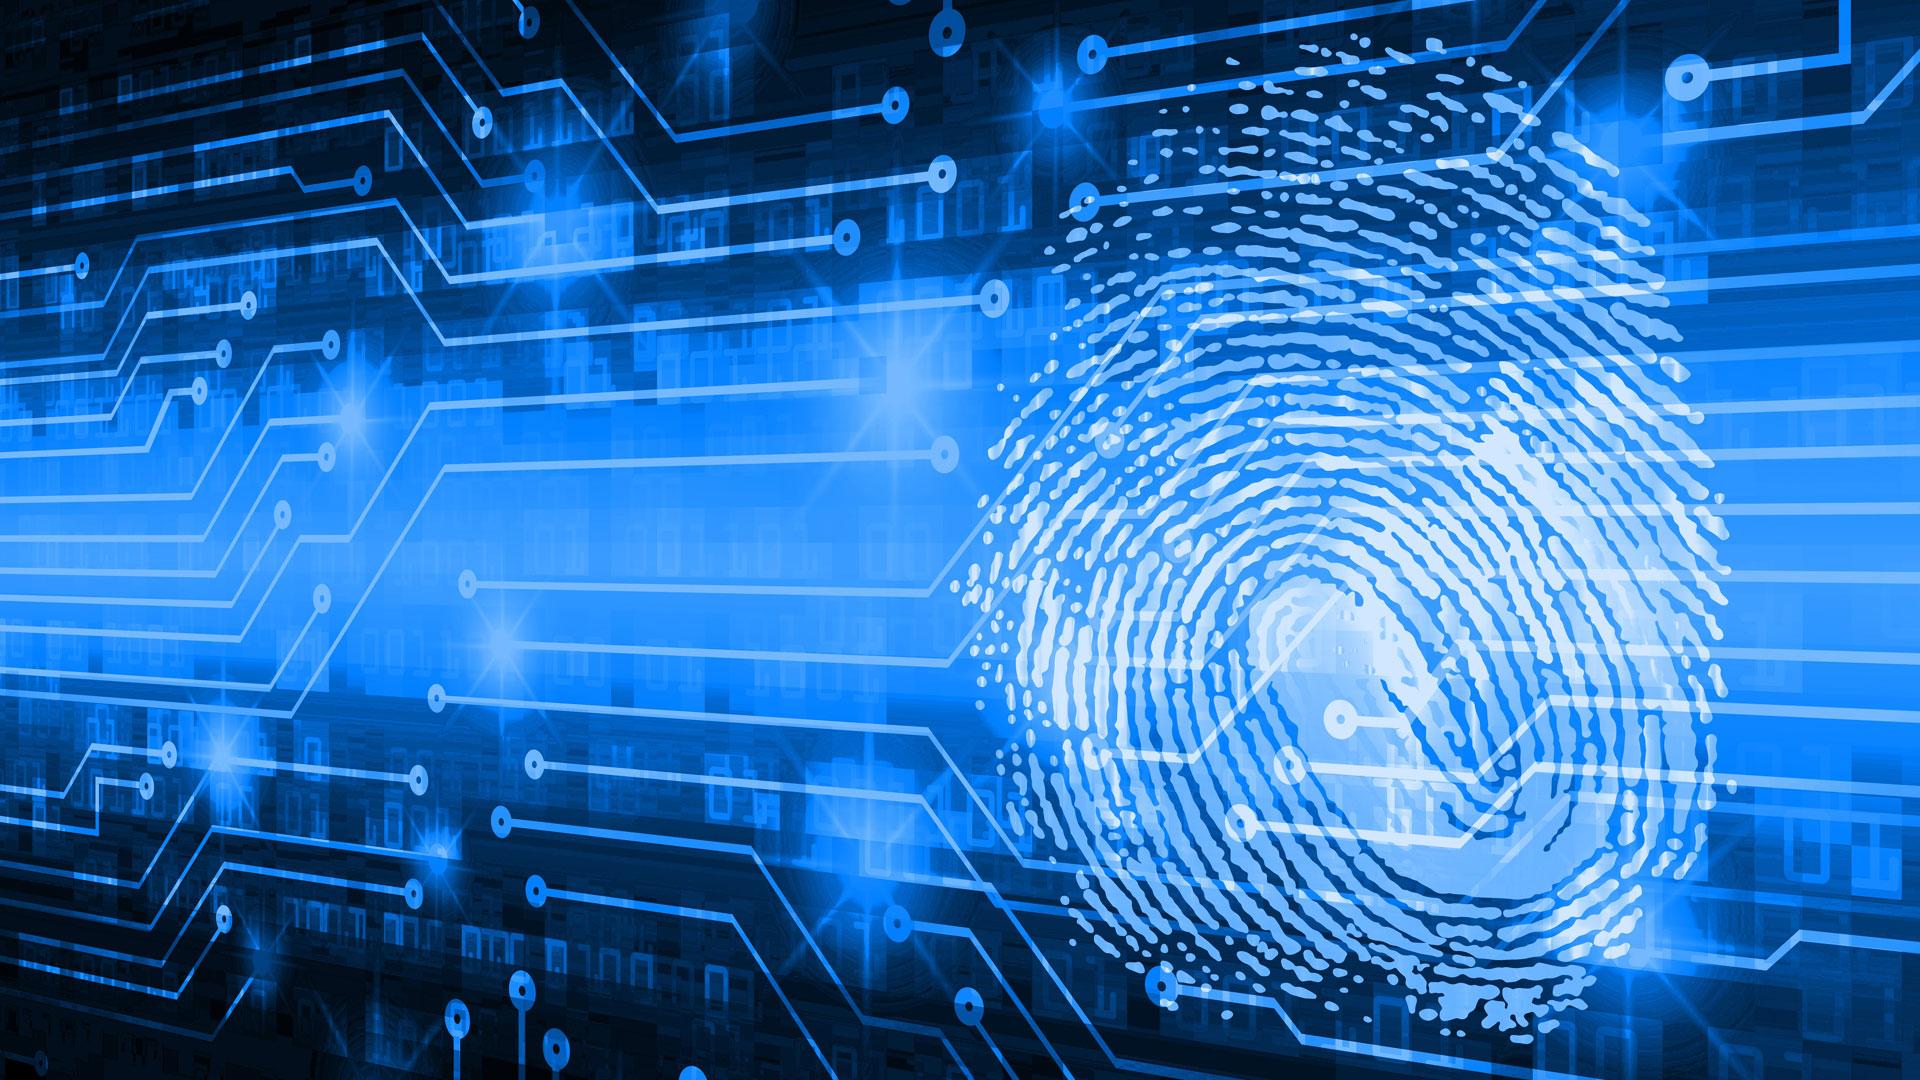 Digital fingerprint in blue